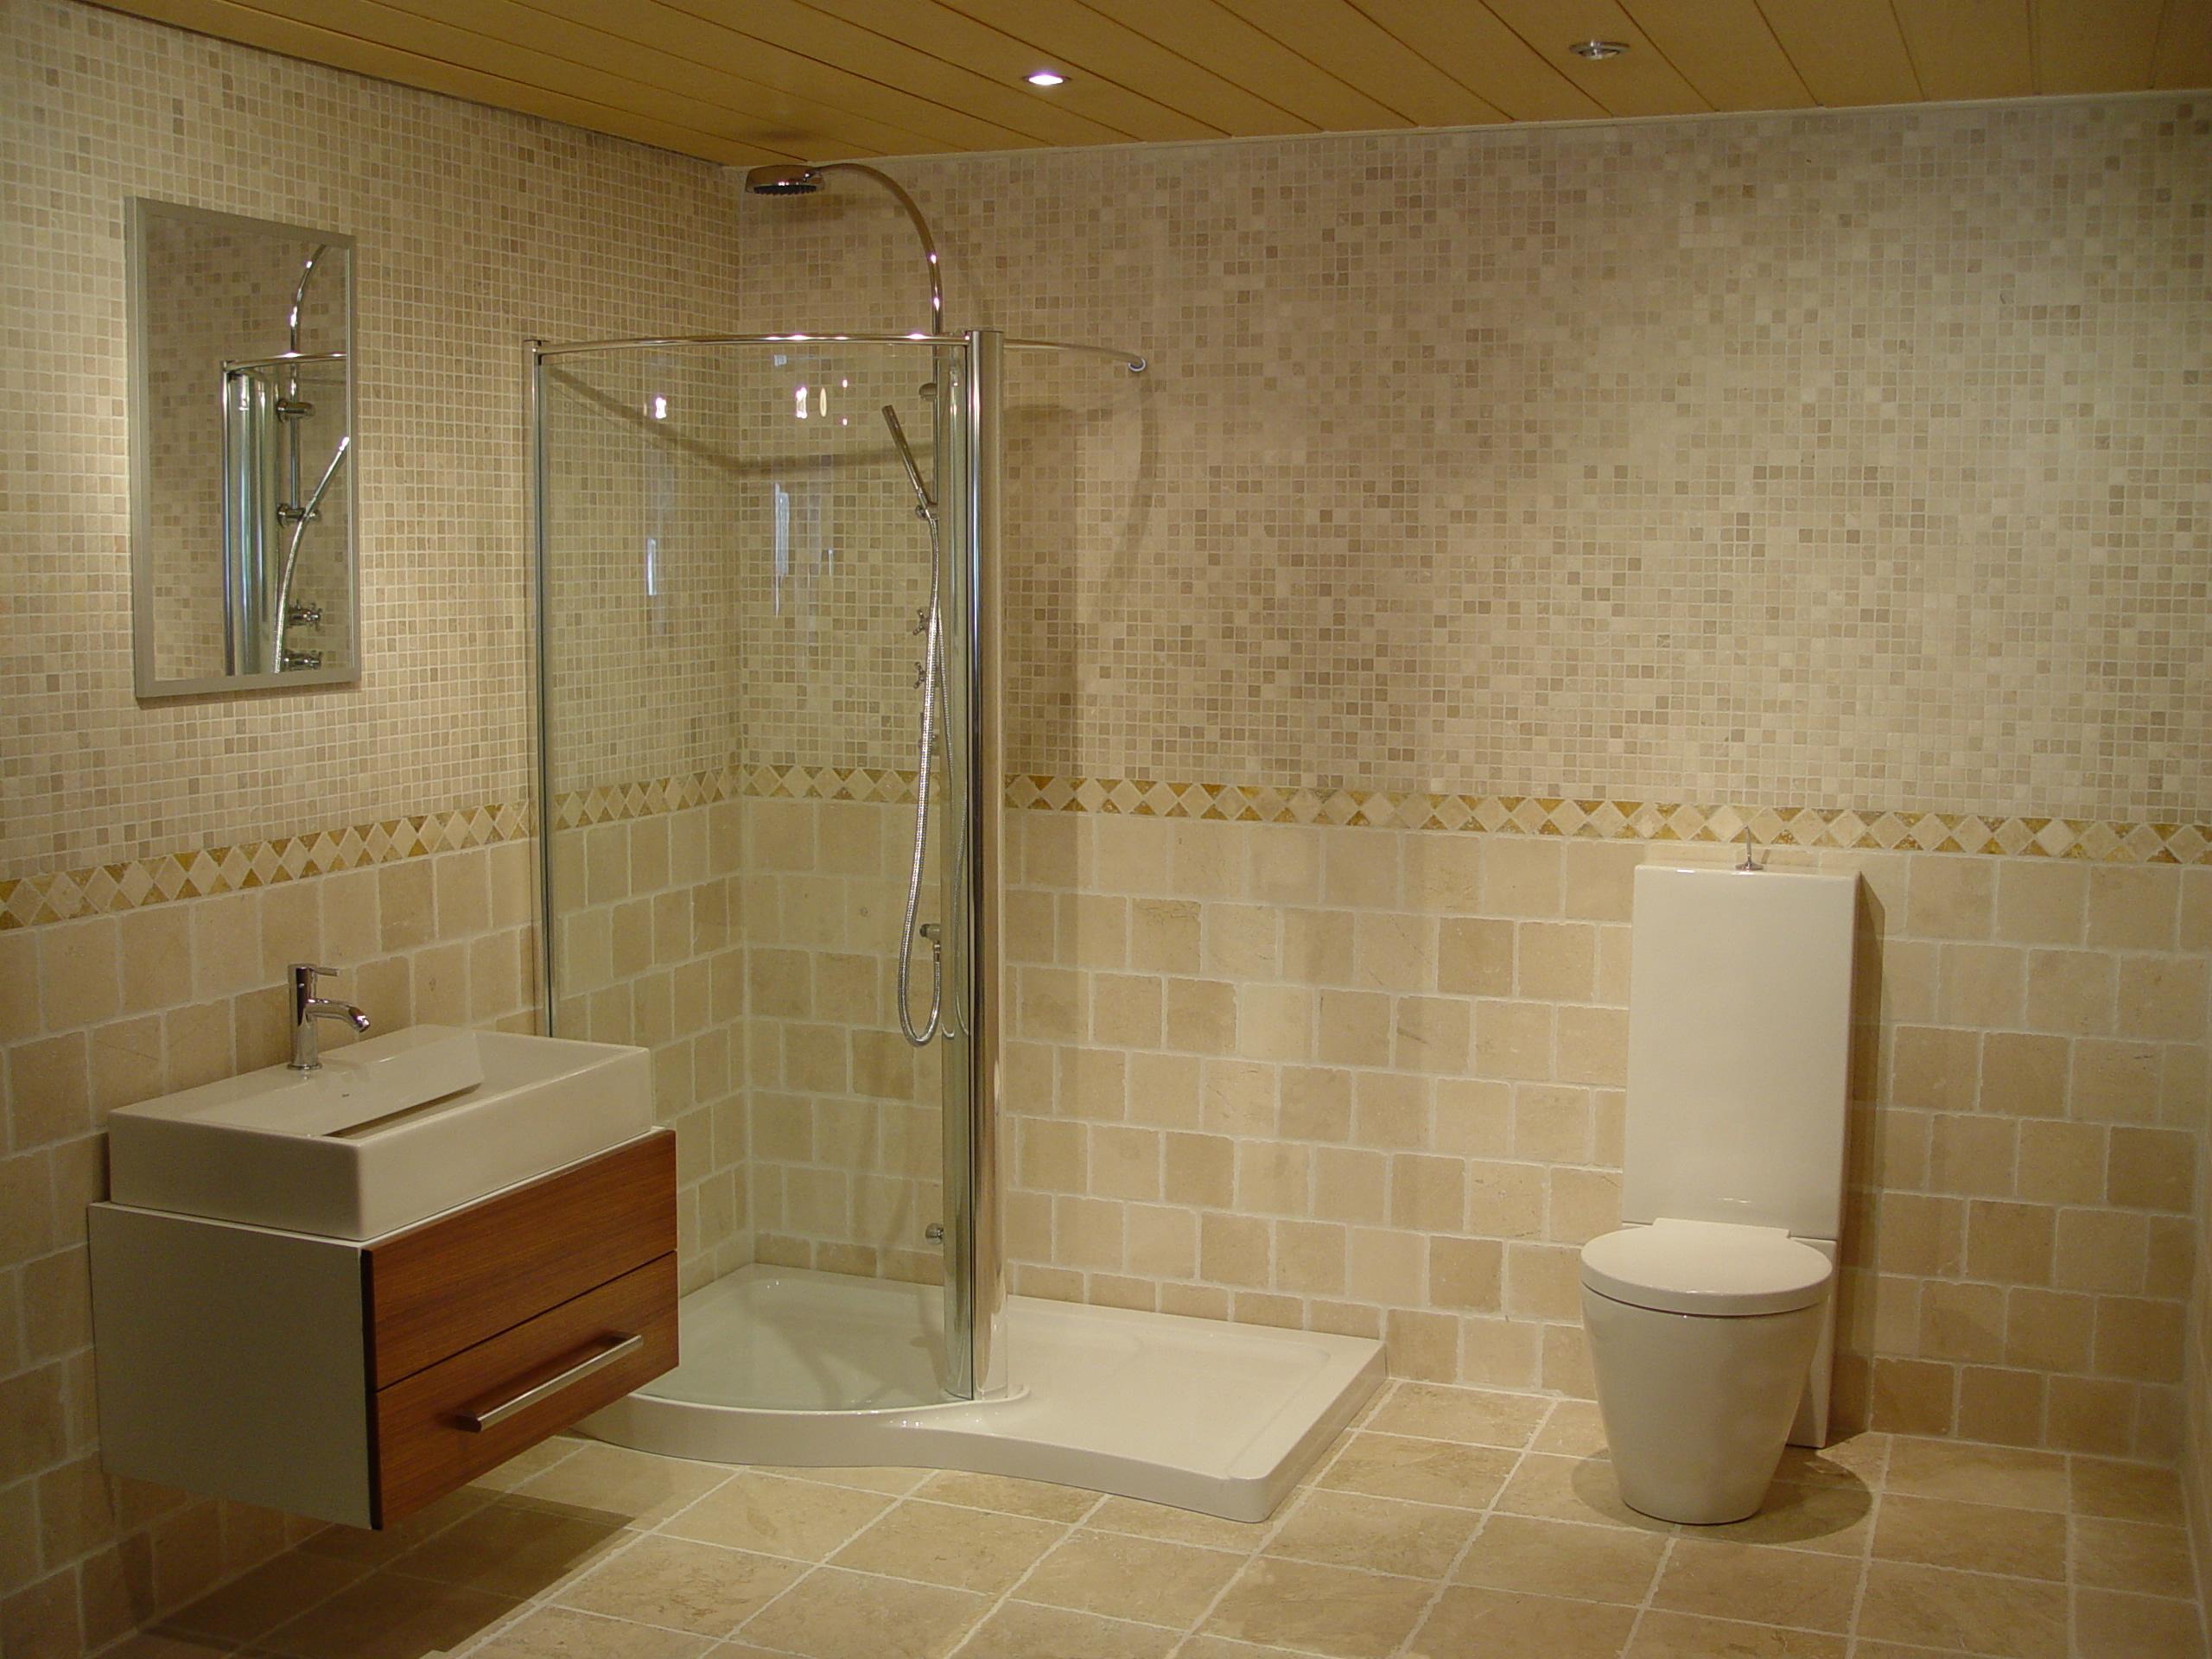 home bathroom tile ideas photo - 8